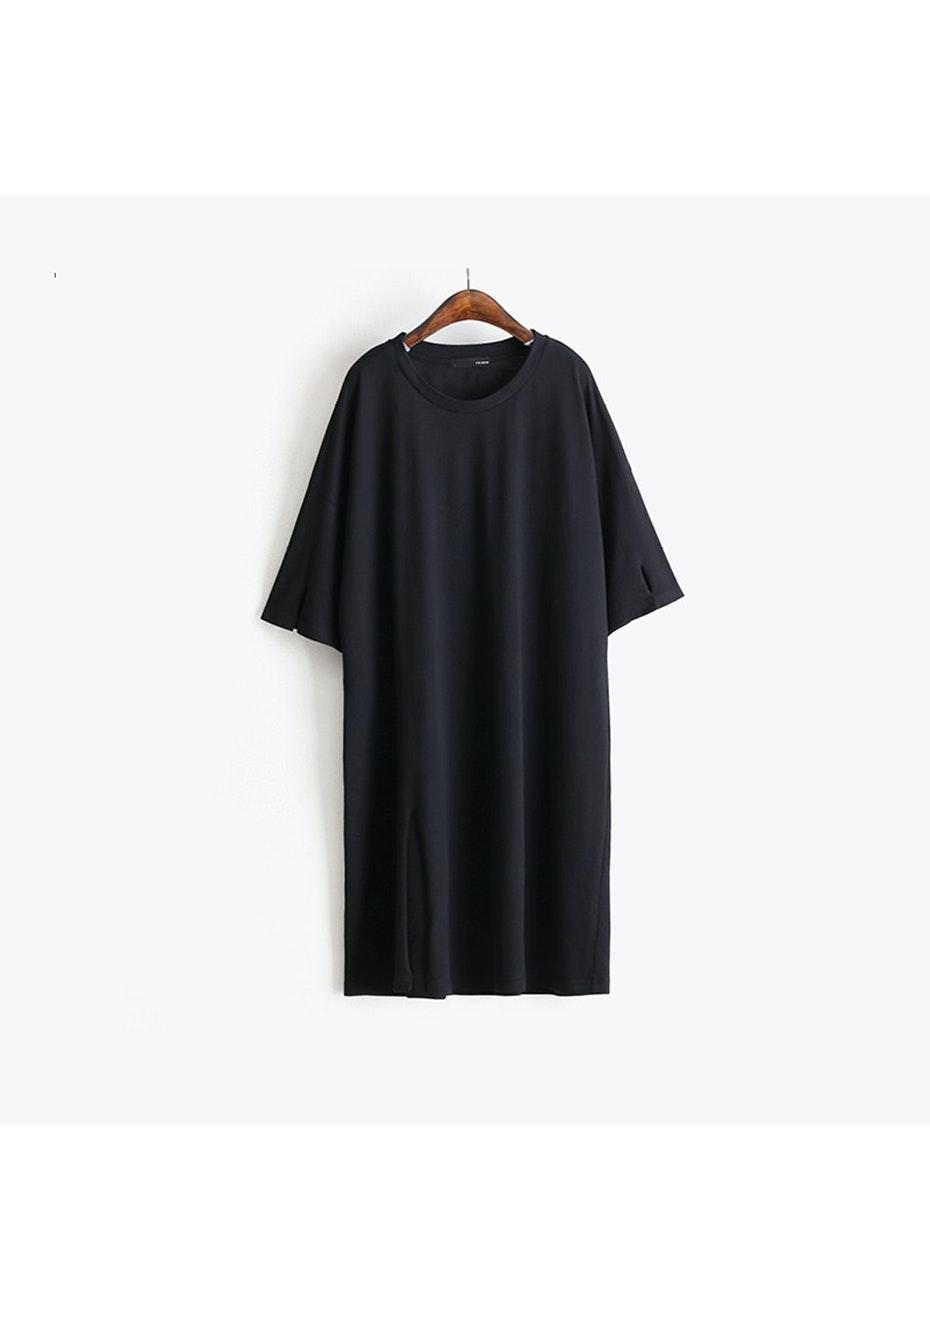 Avery T Shirt Split Tunic  - Black